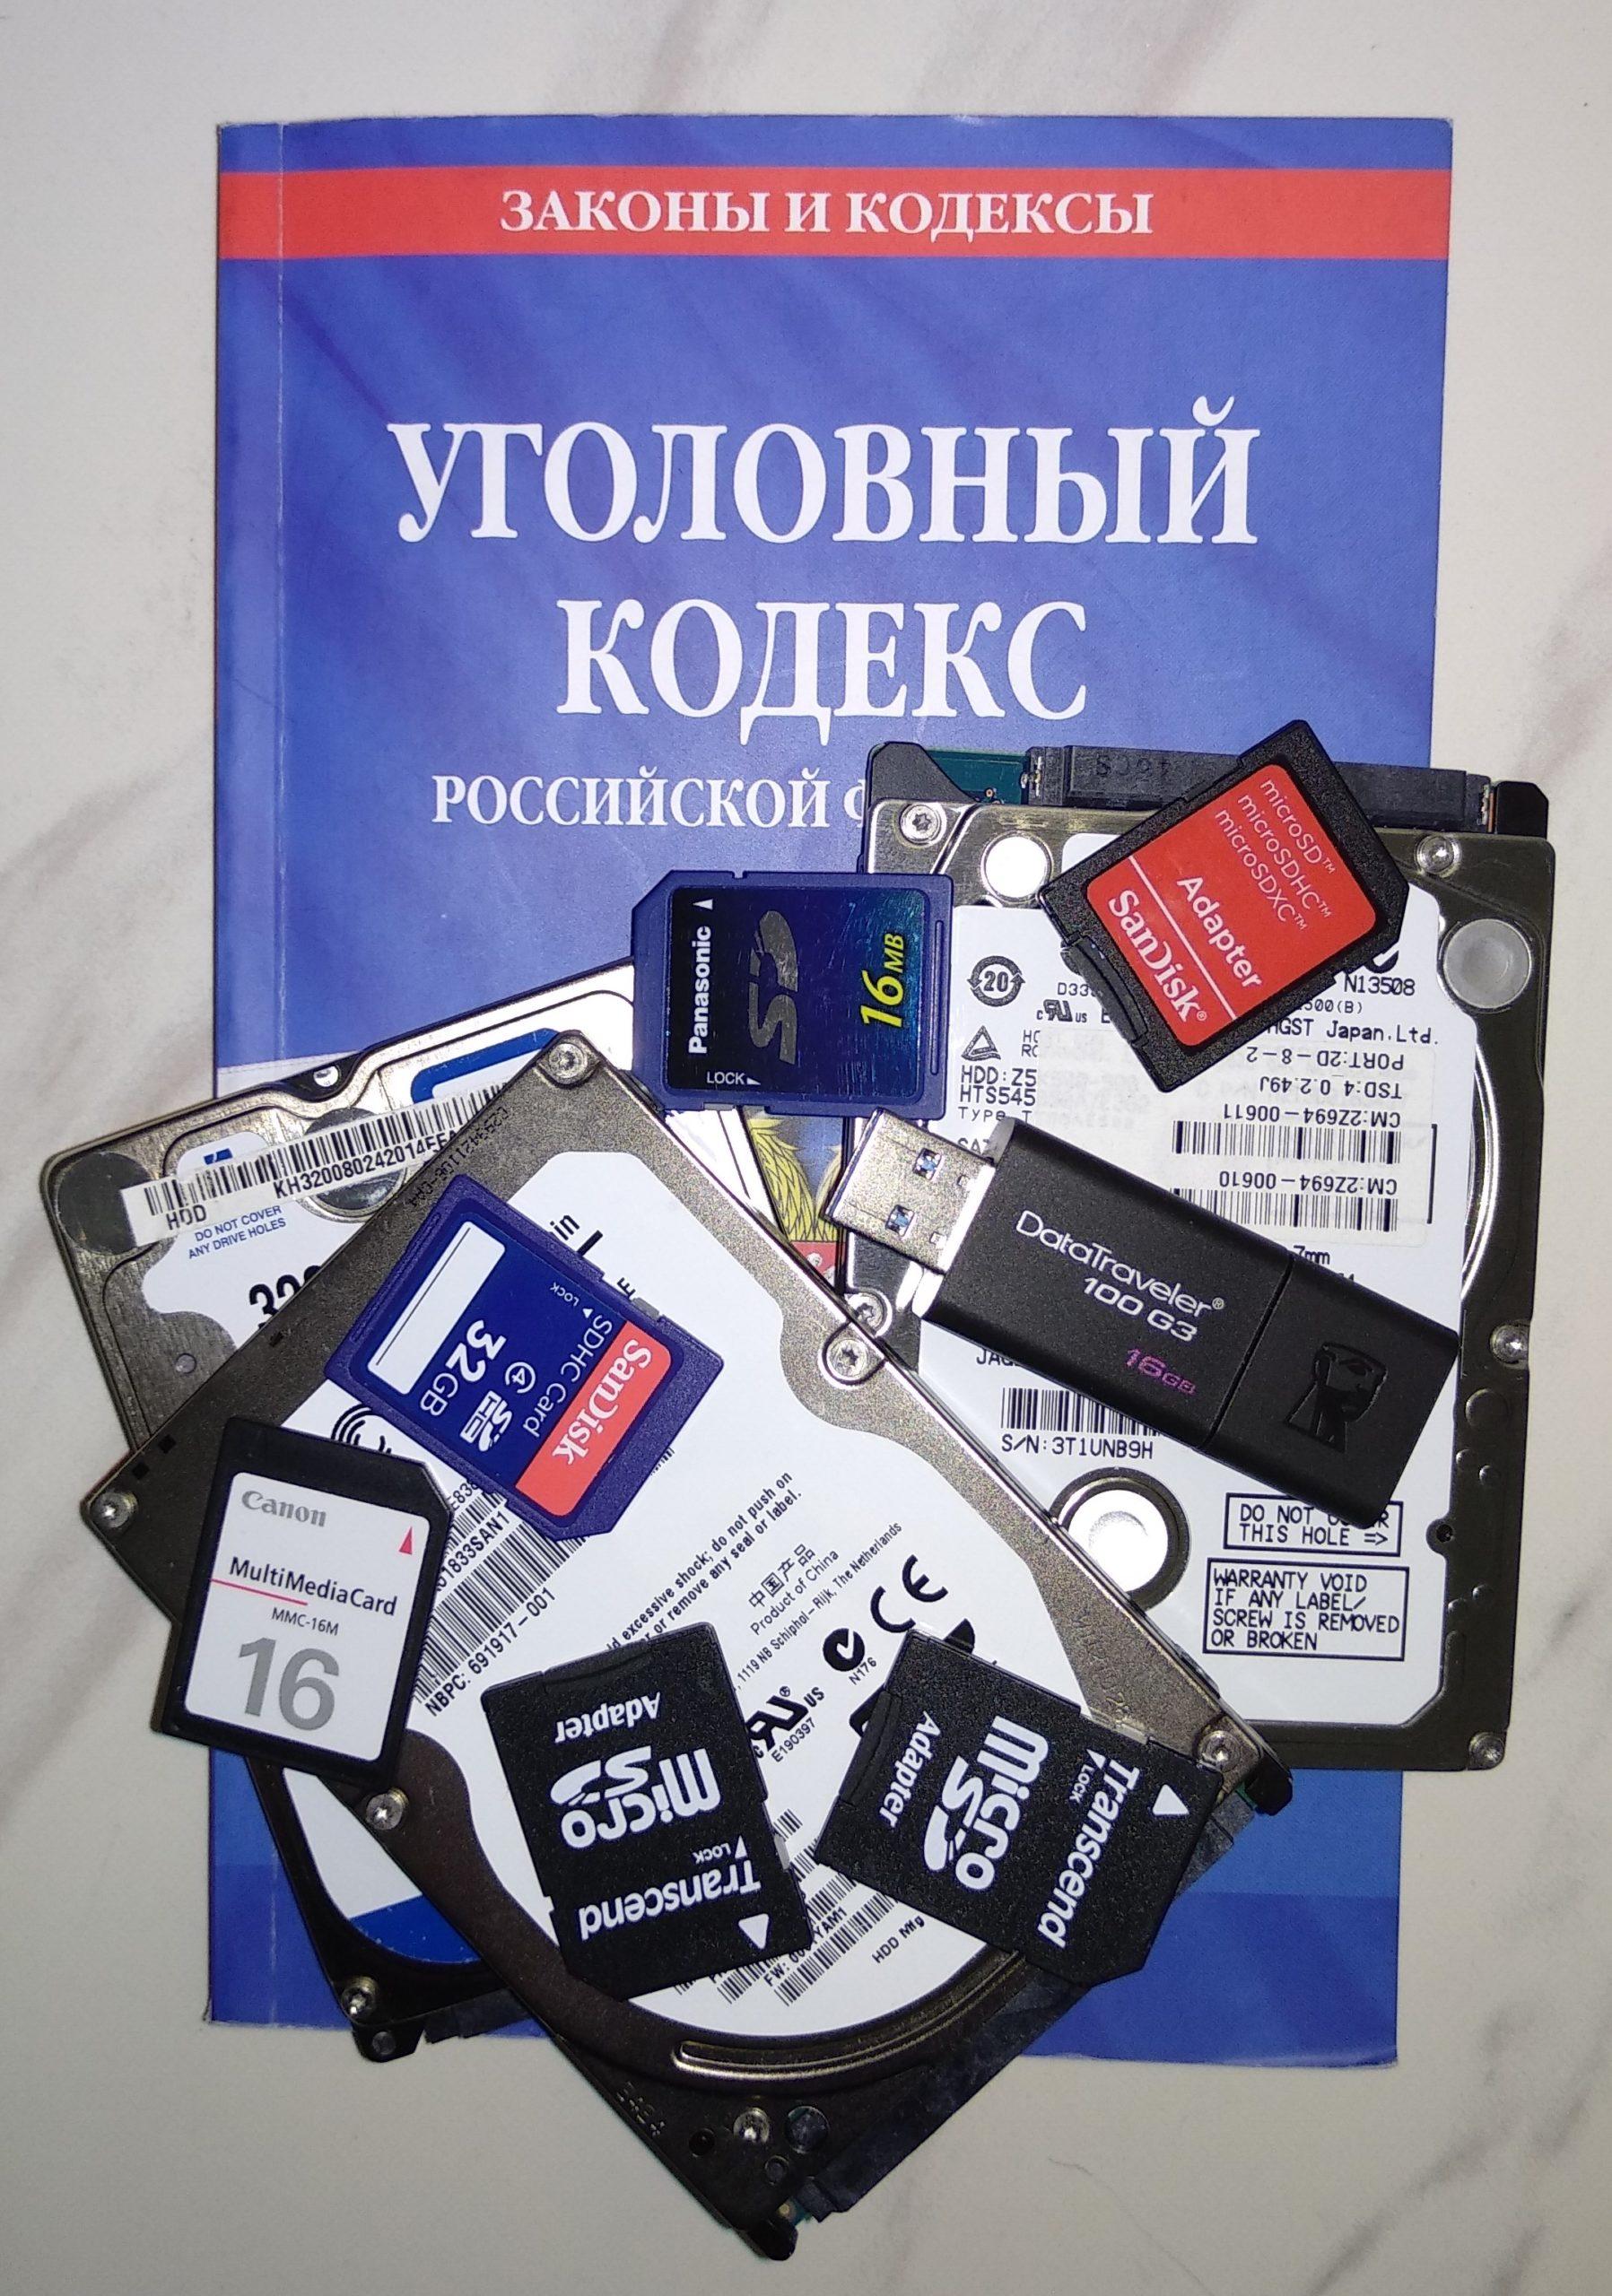 Защита по делам о преступлениях в сфере компьютерной информации